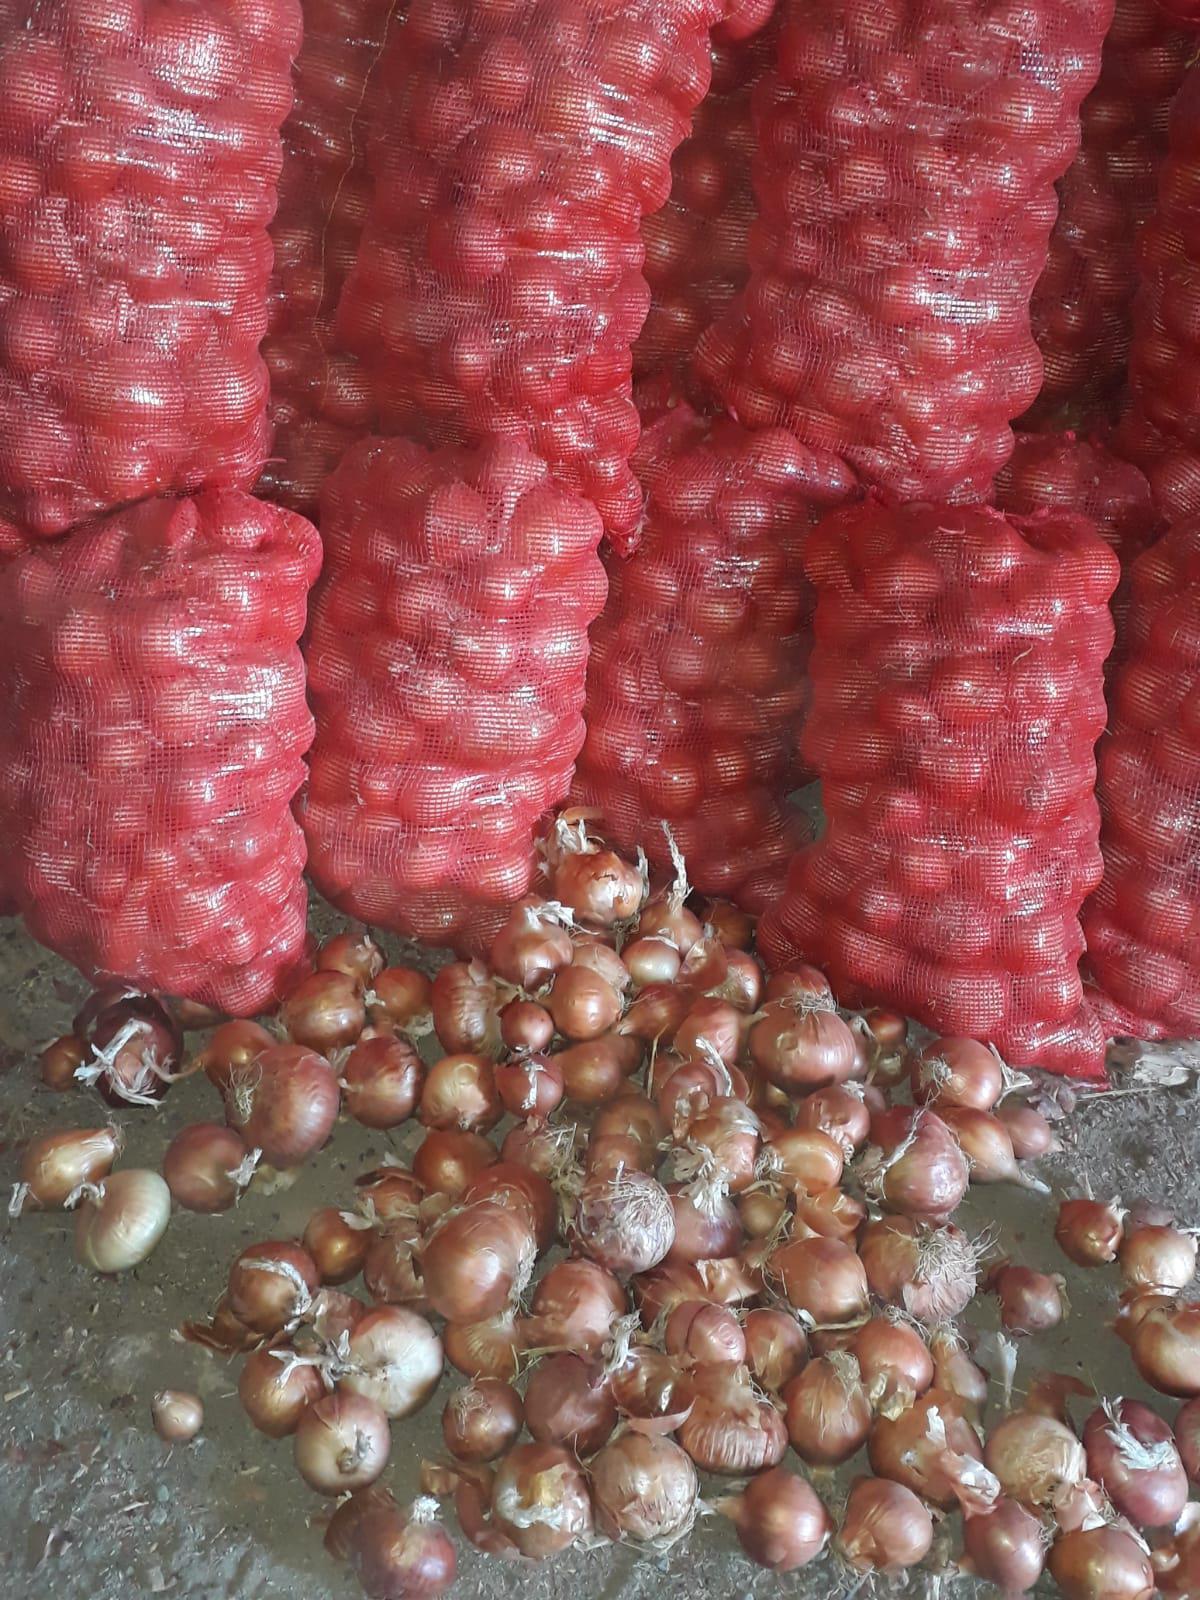 Kuru Soğan - Üretici Kamil Şahin 11111 tl fiyat ile 20.000 kilogram çorum çeşidi kuru soğan satmak istiyor